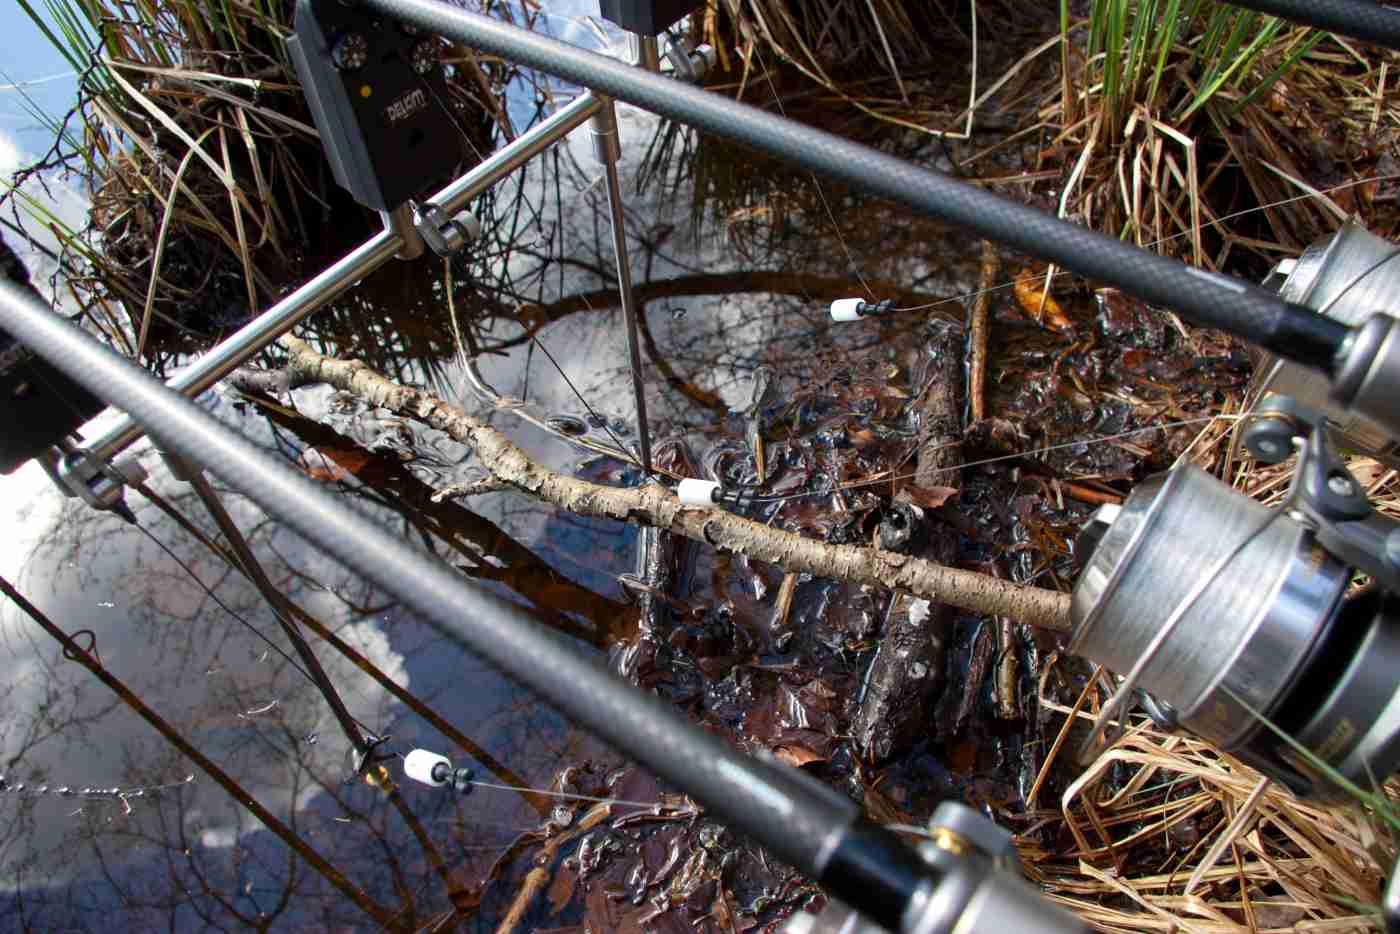 Slæklinetaktikken kan være afgørende for success i hårdt pressede vande, hvor fiskene har set det meste, og hvor liner, der skærer sig gennem vandet som en udspændt buestreng, er skræmmende kost for fiskene.